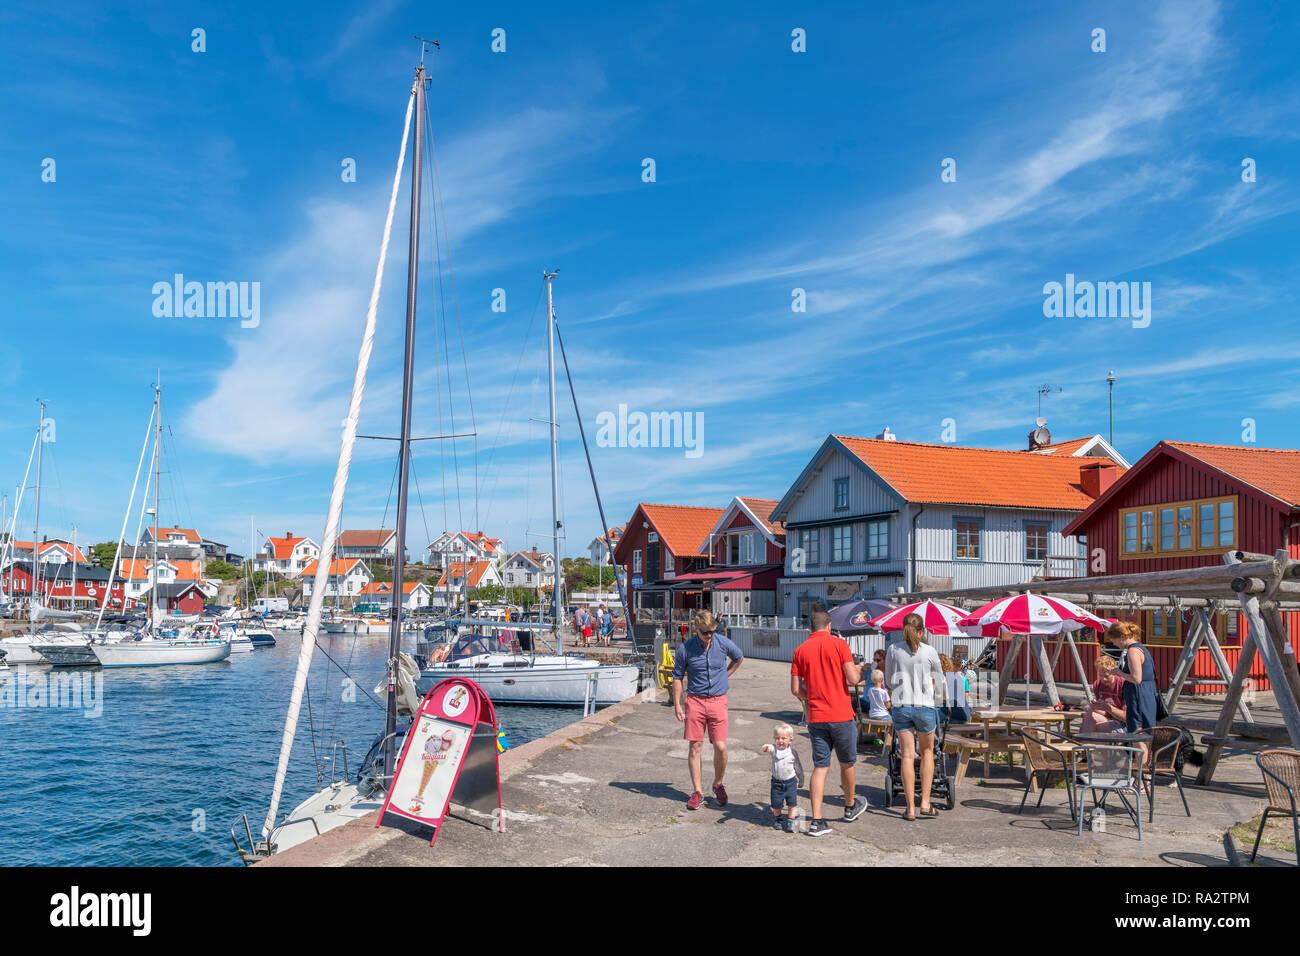 The harbour in the fishing village of Mollösund, Orust, Bohuslän Coast, Götaland, Sweden - Stock Image